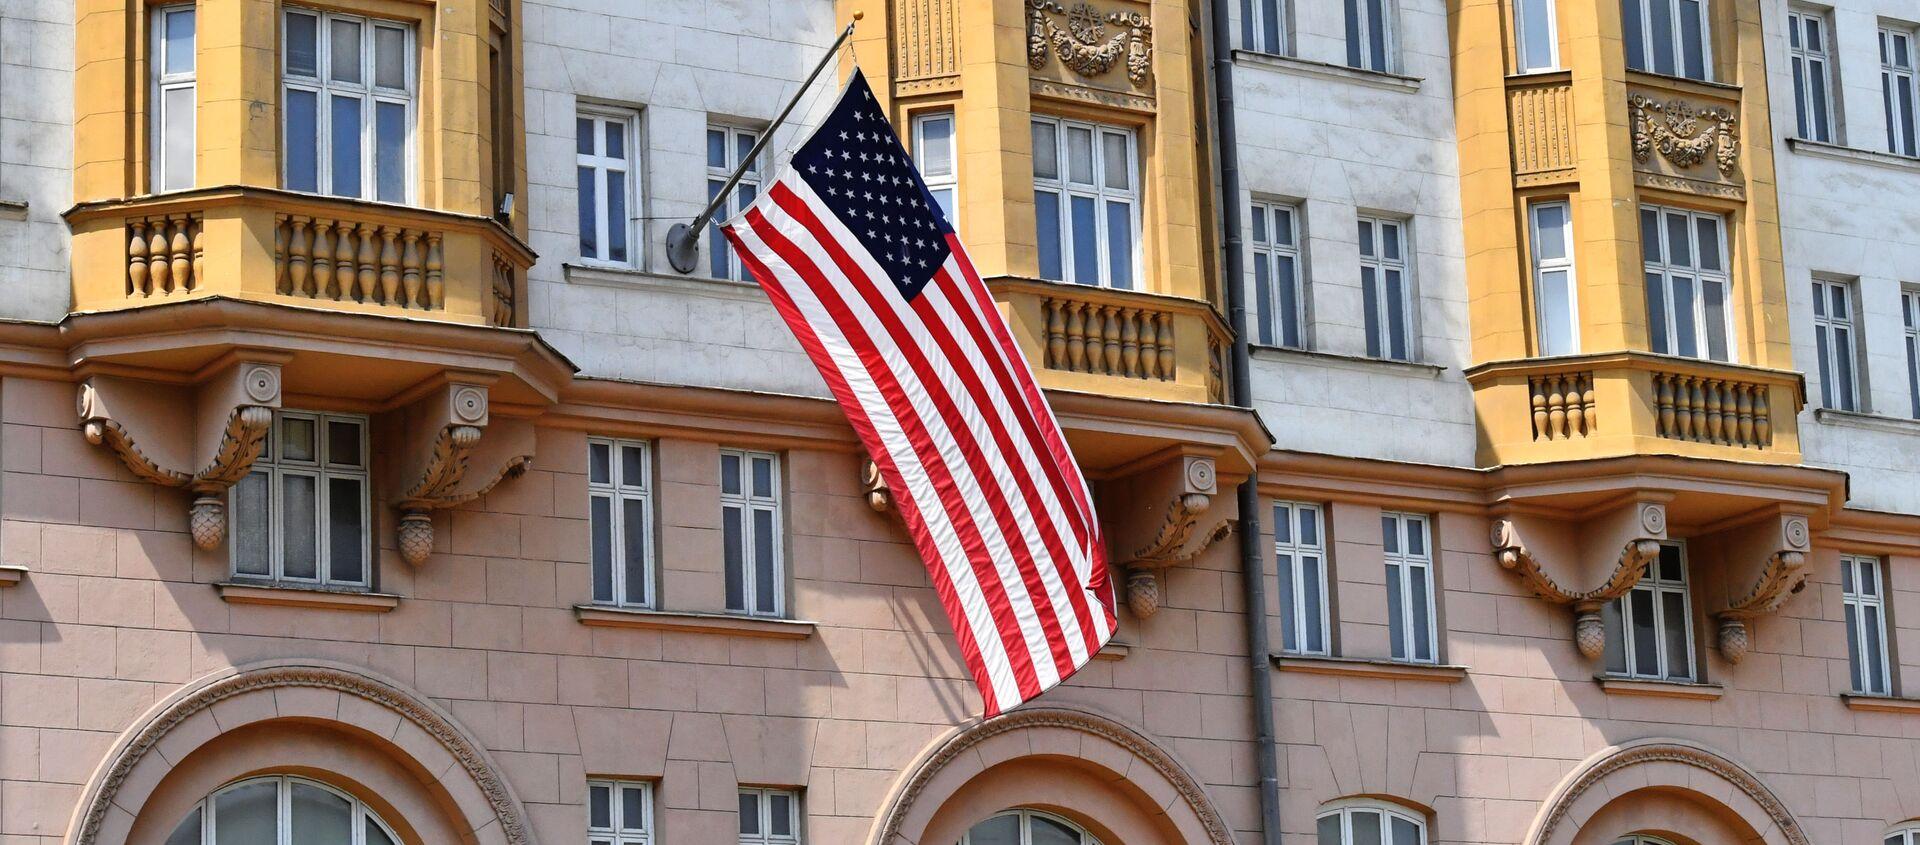 La Embajada de EEUU en Moscú - Sputnik Mundo, 1920, 27.01.2021